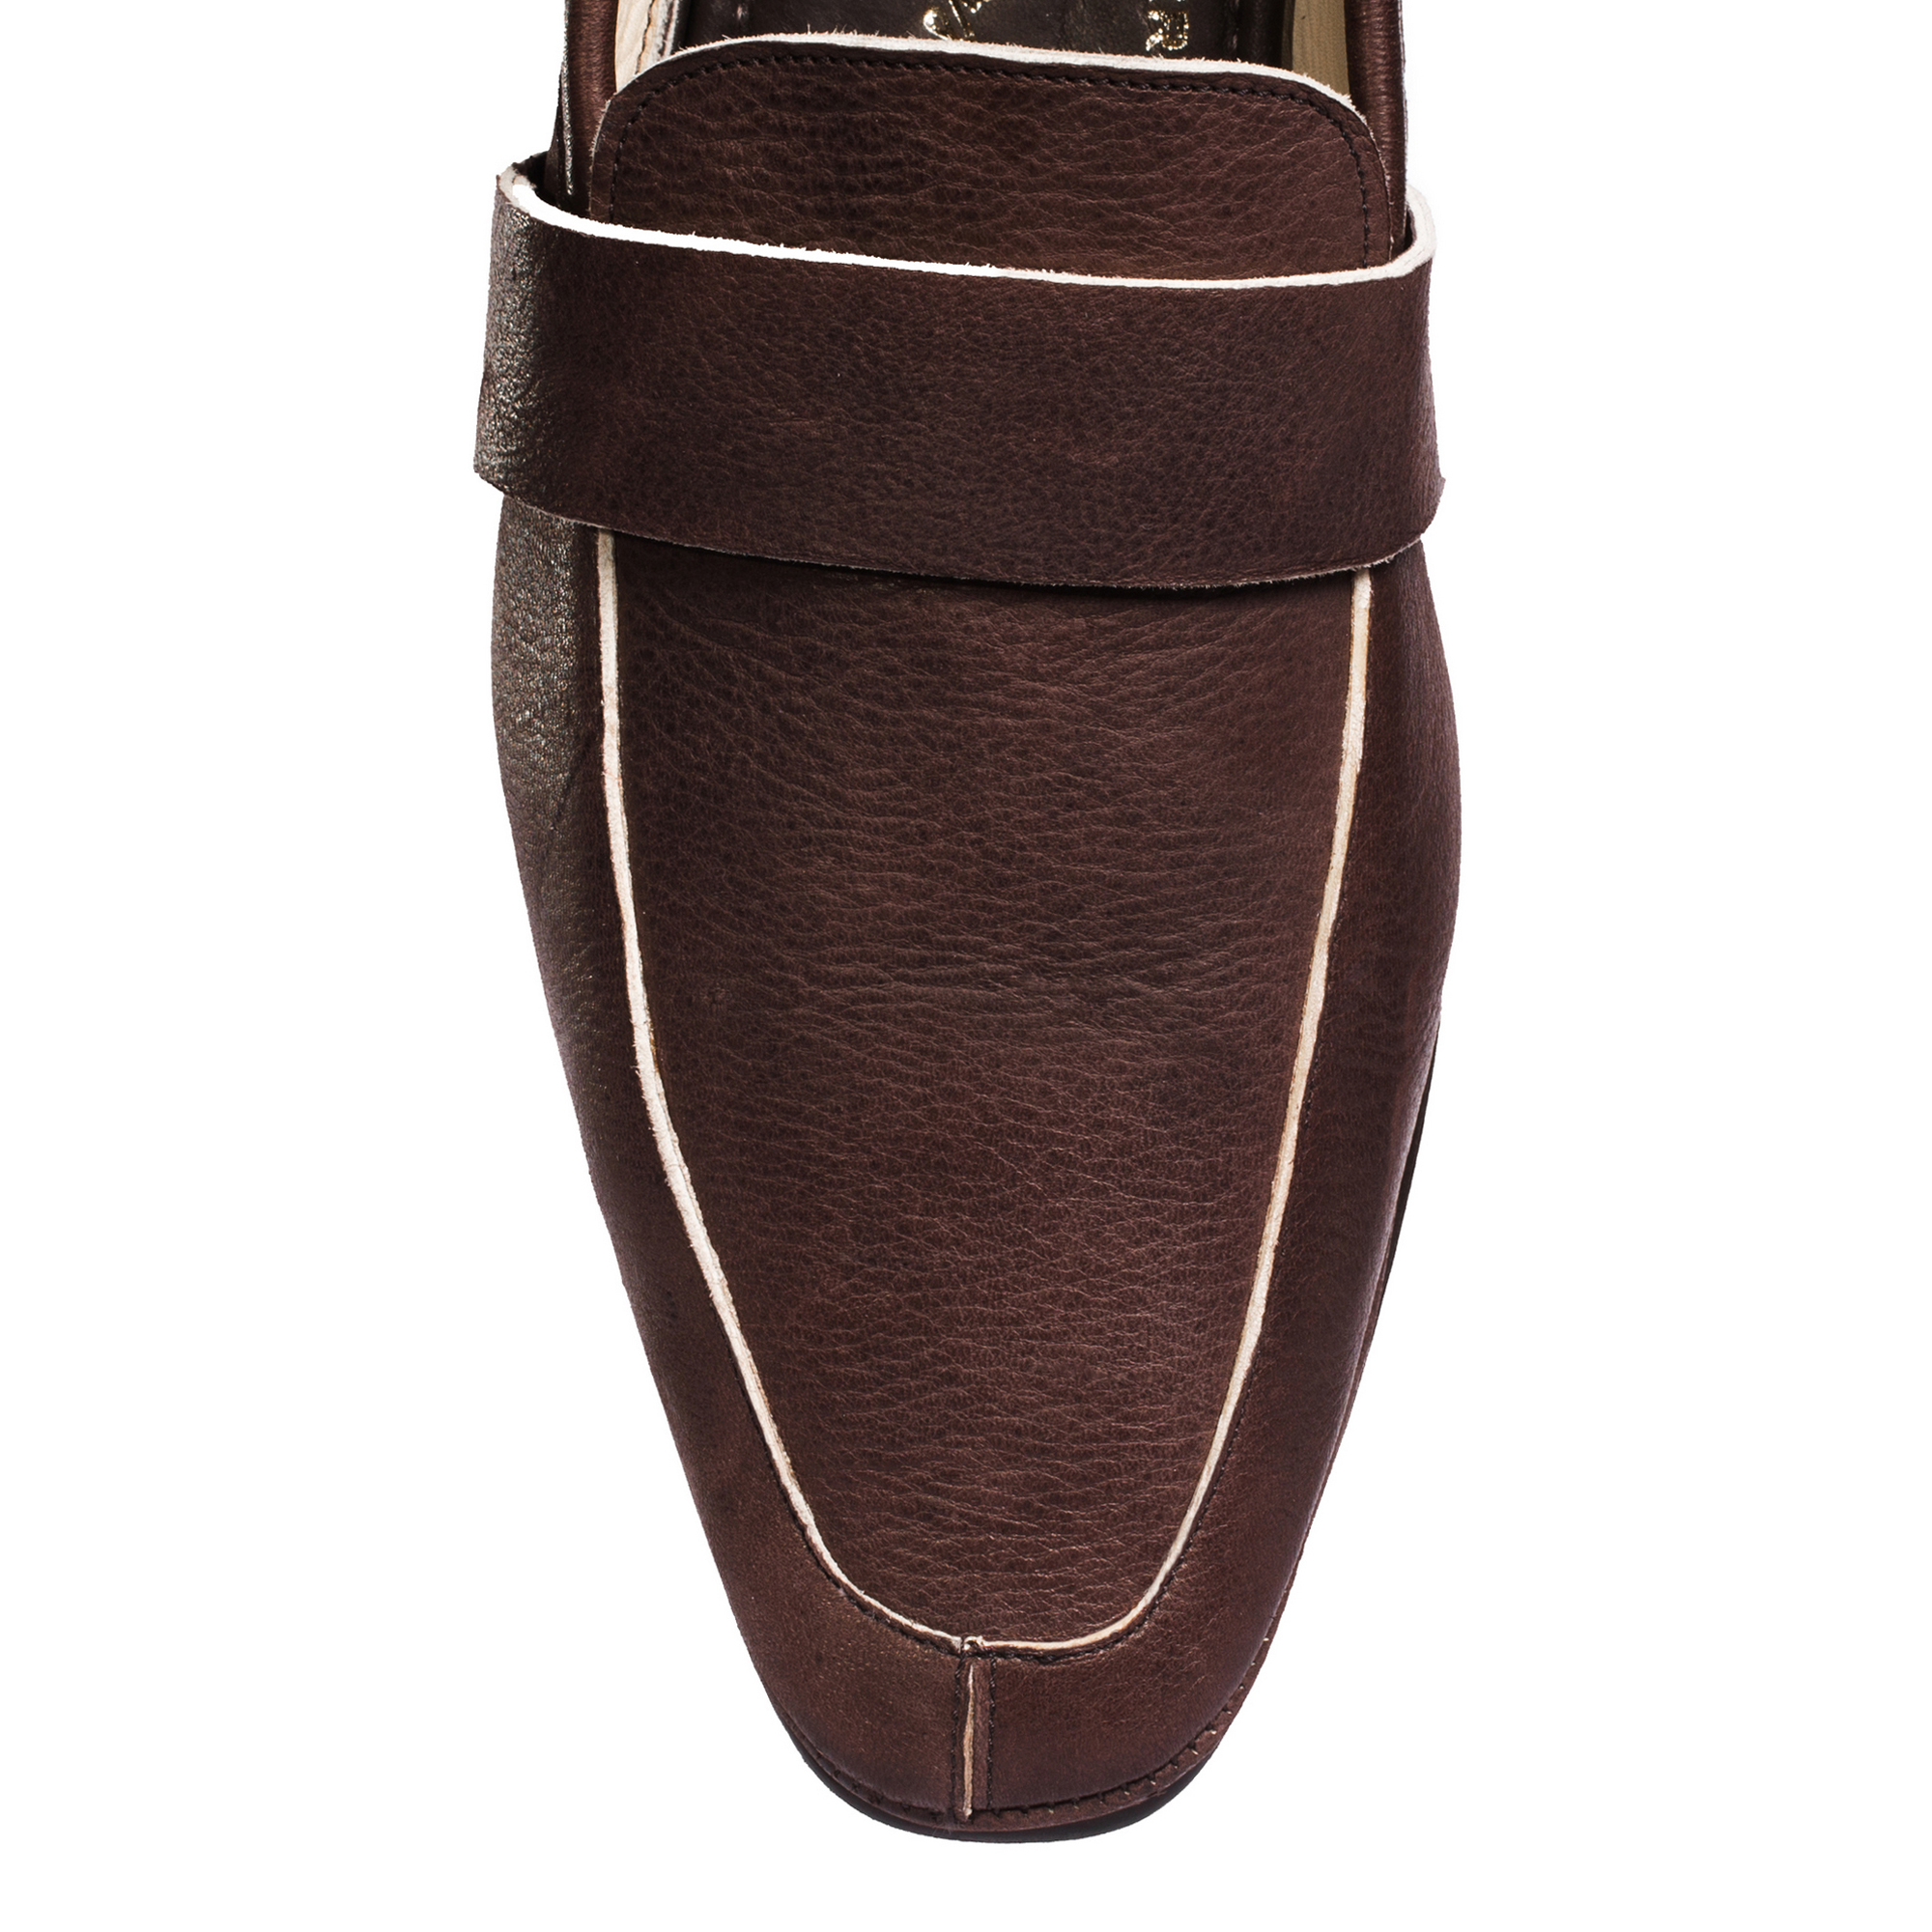 Мужские туфли CorsoComo (Корсо Комо) 31-MV1010 к.п. Полуботинки муж кожа кор.: изображение 2